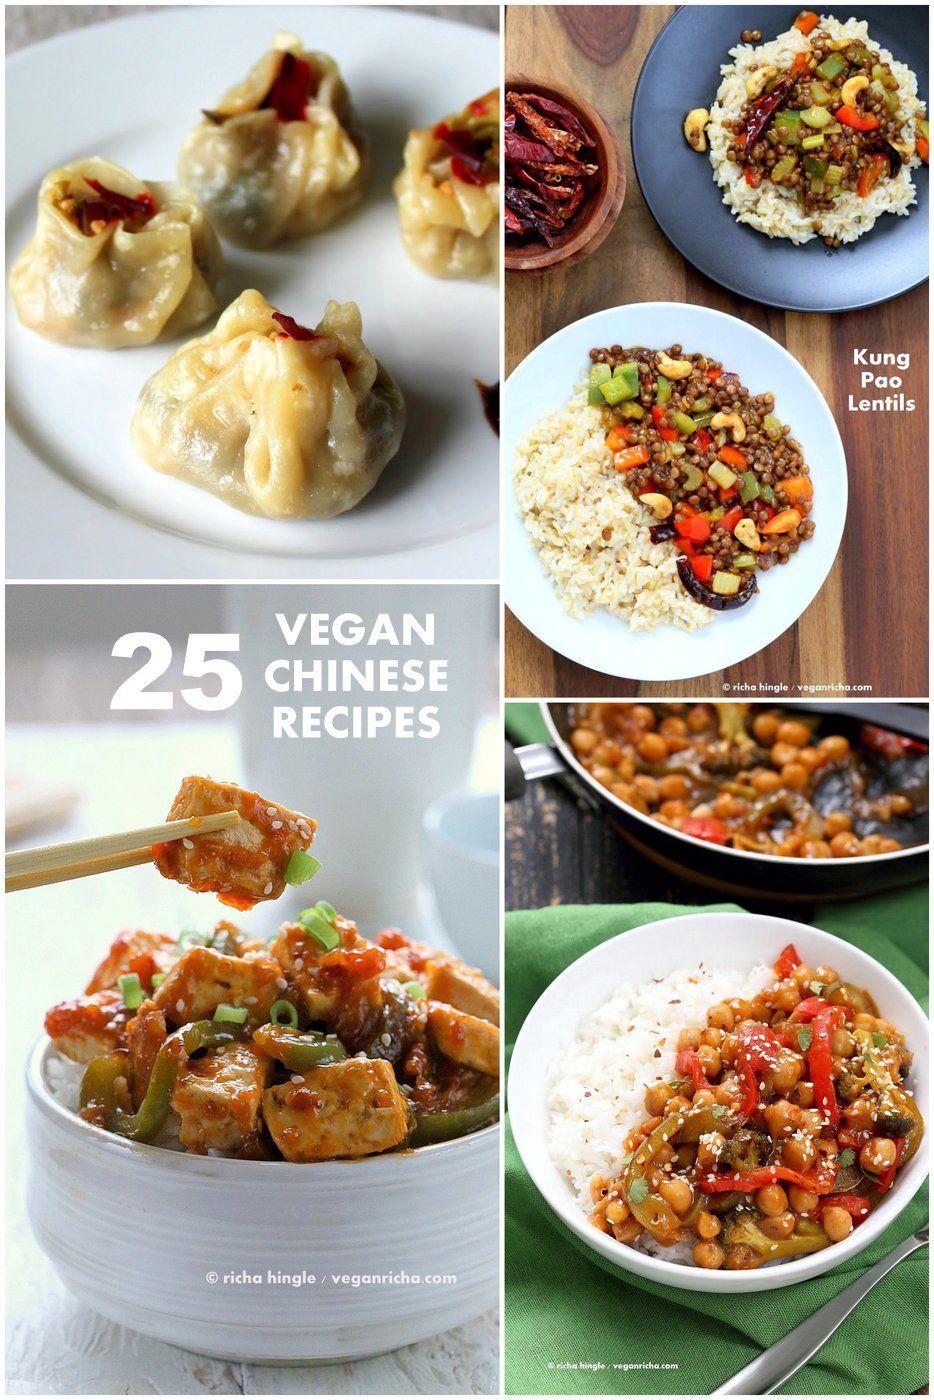 25 Vegan Chinese Recipes Vegetarianvegangluten Free